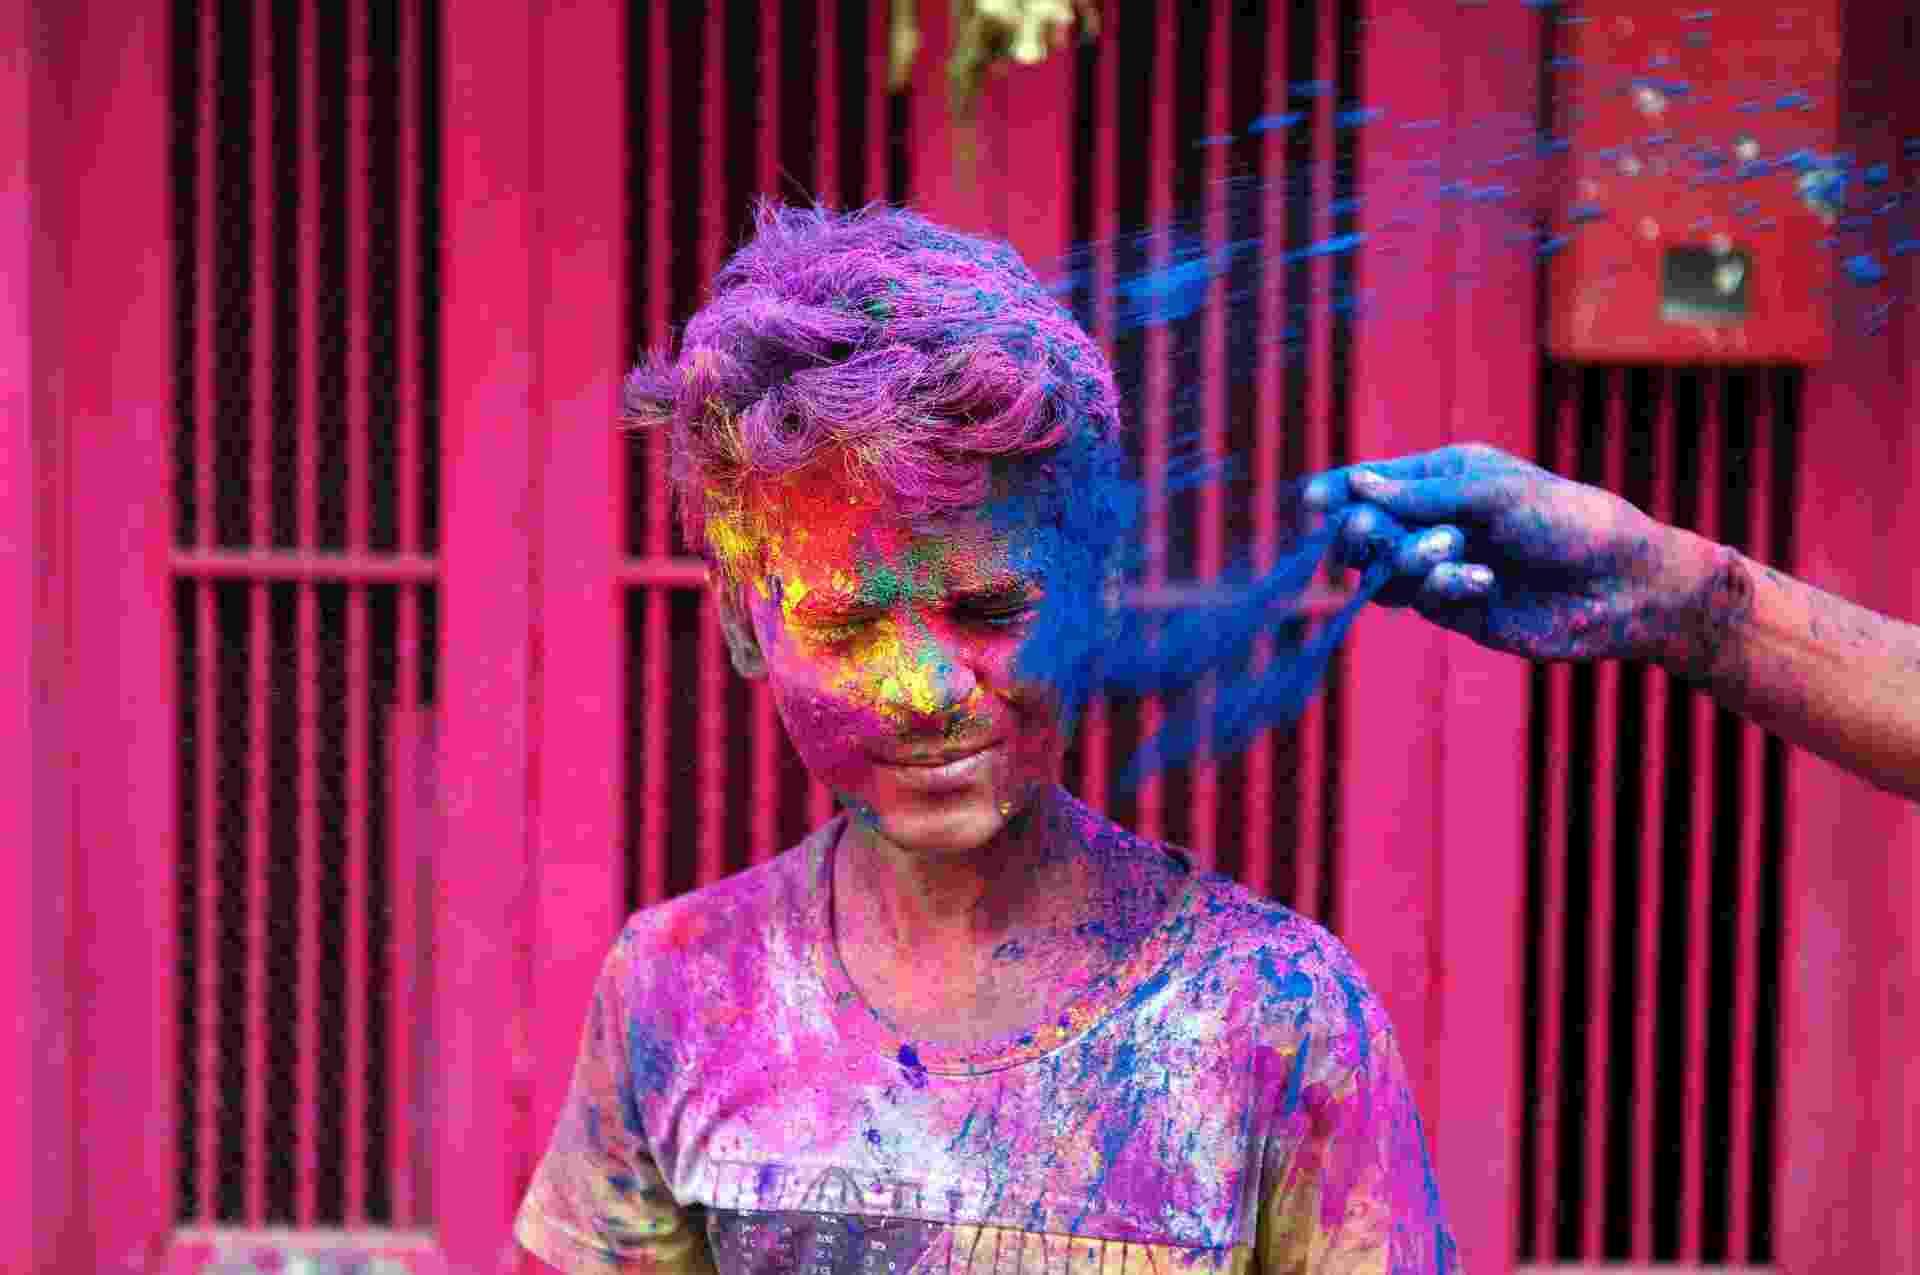 """24.mar.2016 - Indiano recebe pó colorido no rosto durante celebração do festival Holi em Chennai, no sul da Índia. O festival hindu do Holi, também conhecido como """"festival das cores"""", anuncia a chegada da primavera e do fim do inverno no hemisfério norte - Arun Sankar/AFP"""